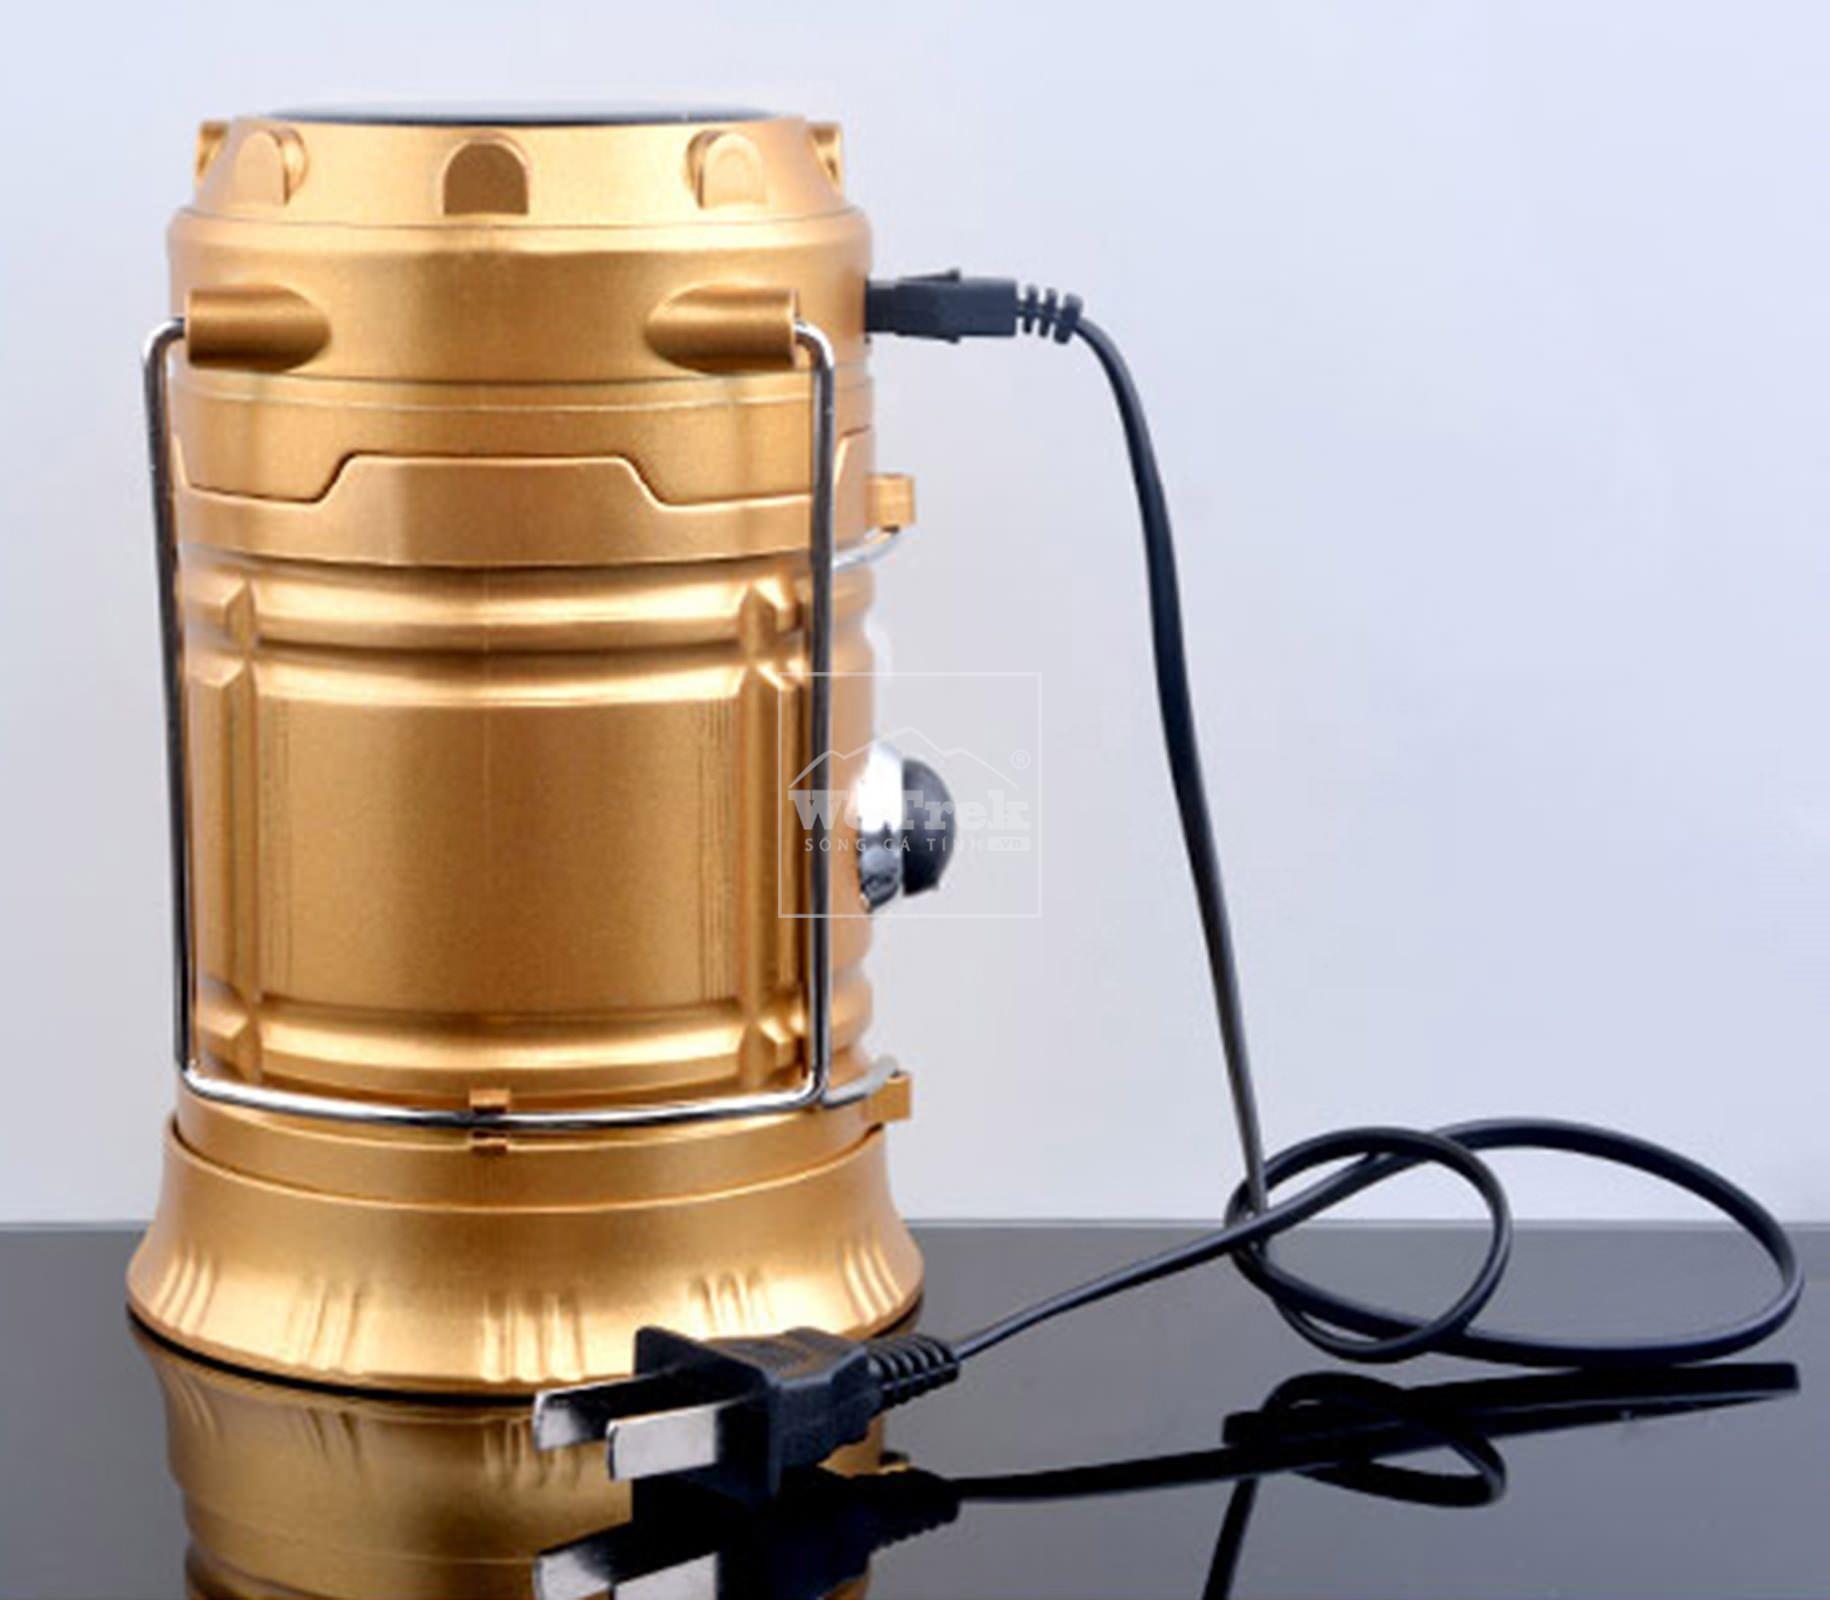 den-leu-6-1-led-rechareable-camping-lantern-jh-5800t-wetrek.vn-6